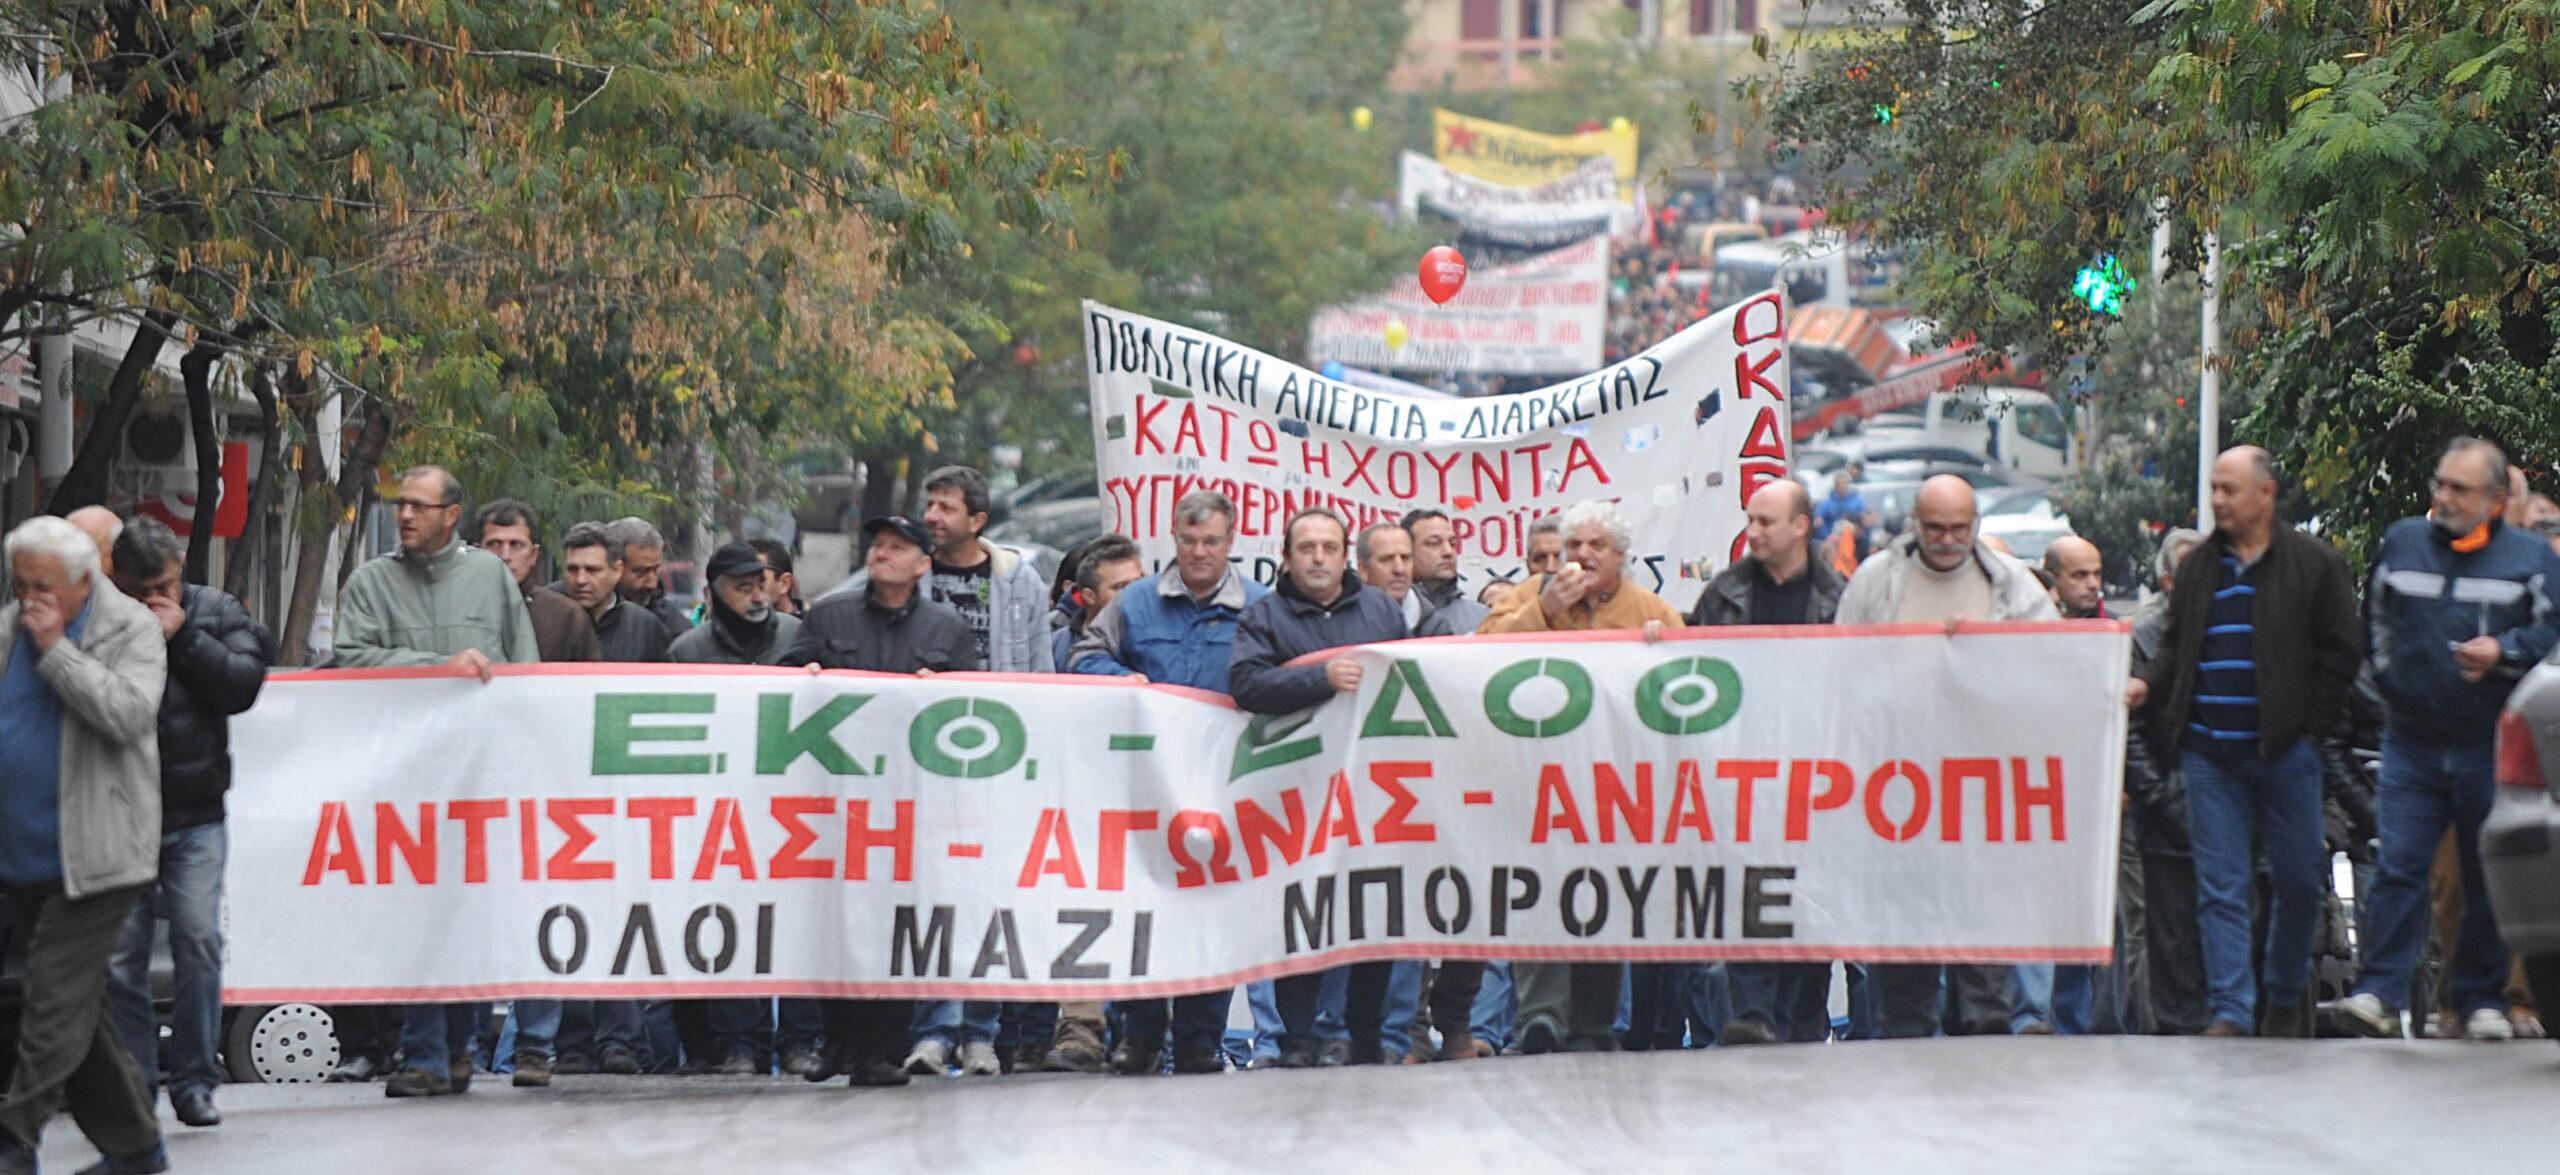 Το ΕΚΘ συμμετέχει στη συγκέντρωση διαμαρτυρίας Κυριακή 22 Μαΐου 6 το απόγευμα στο άγαλμα Βενιζέλου